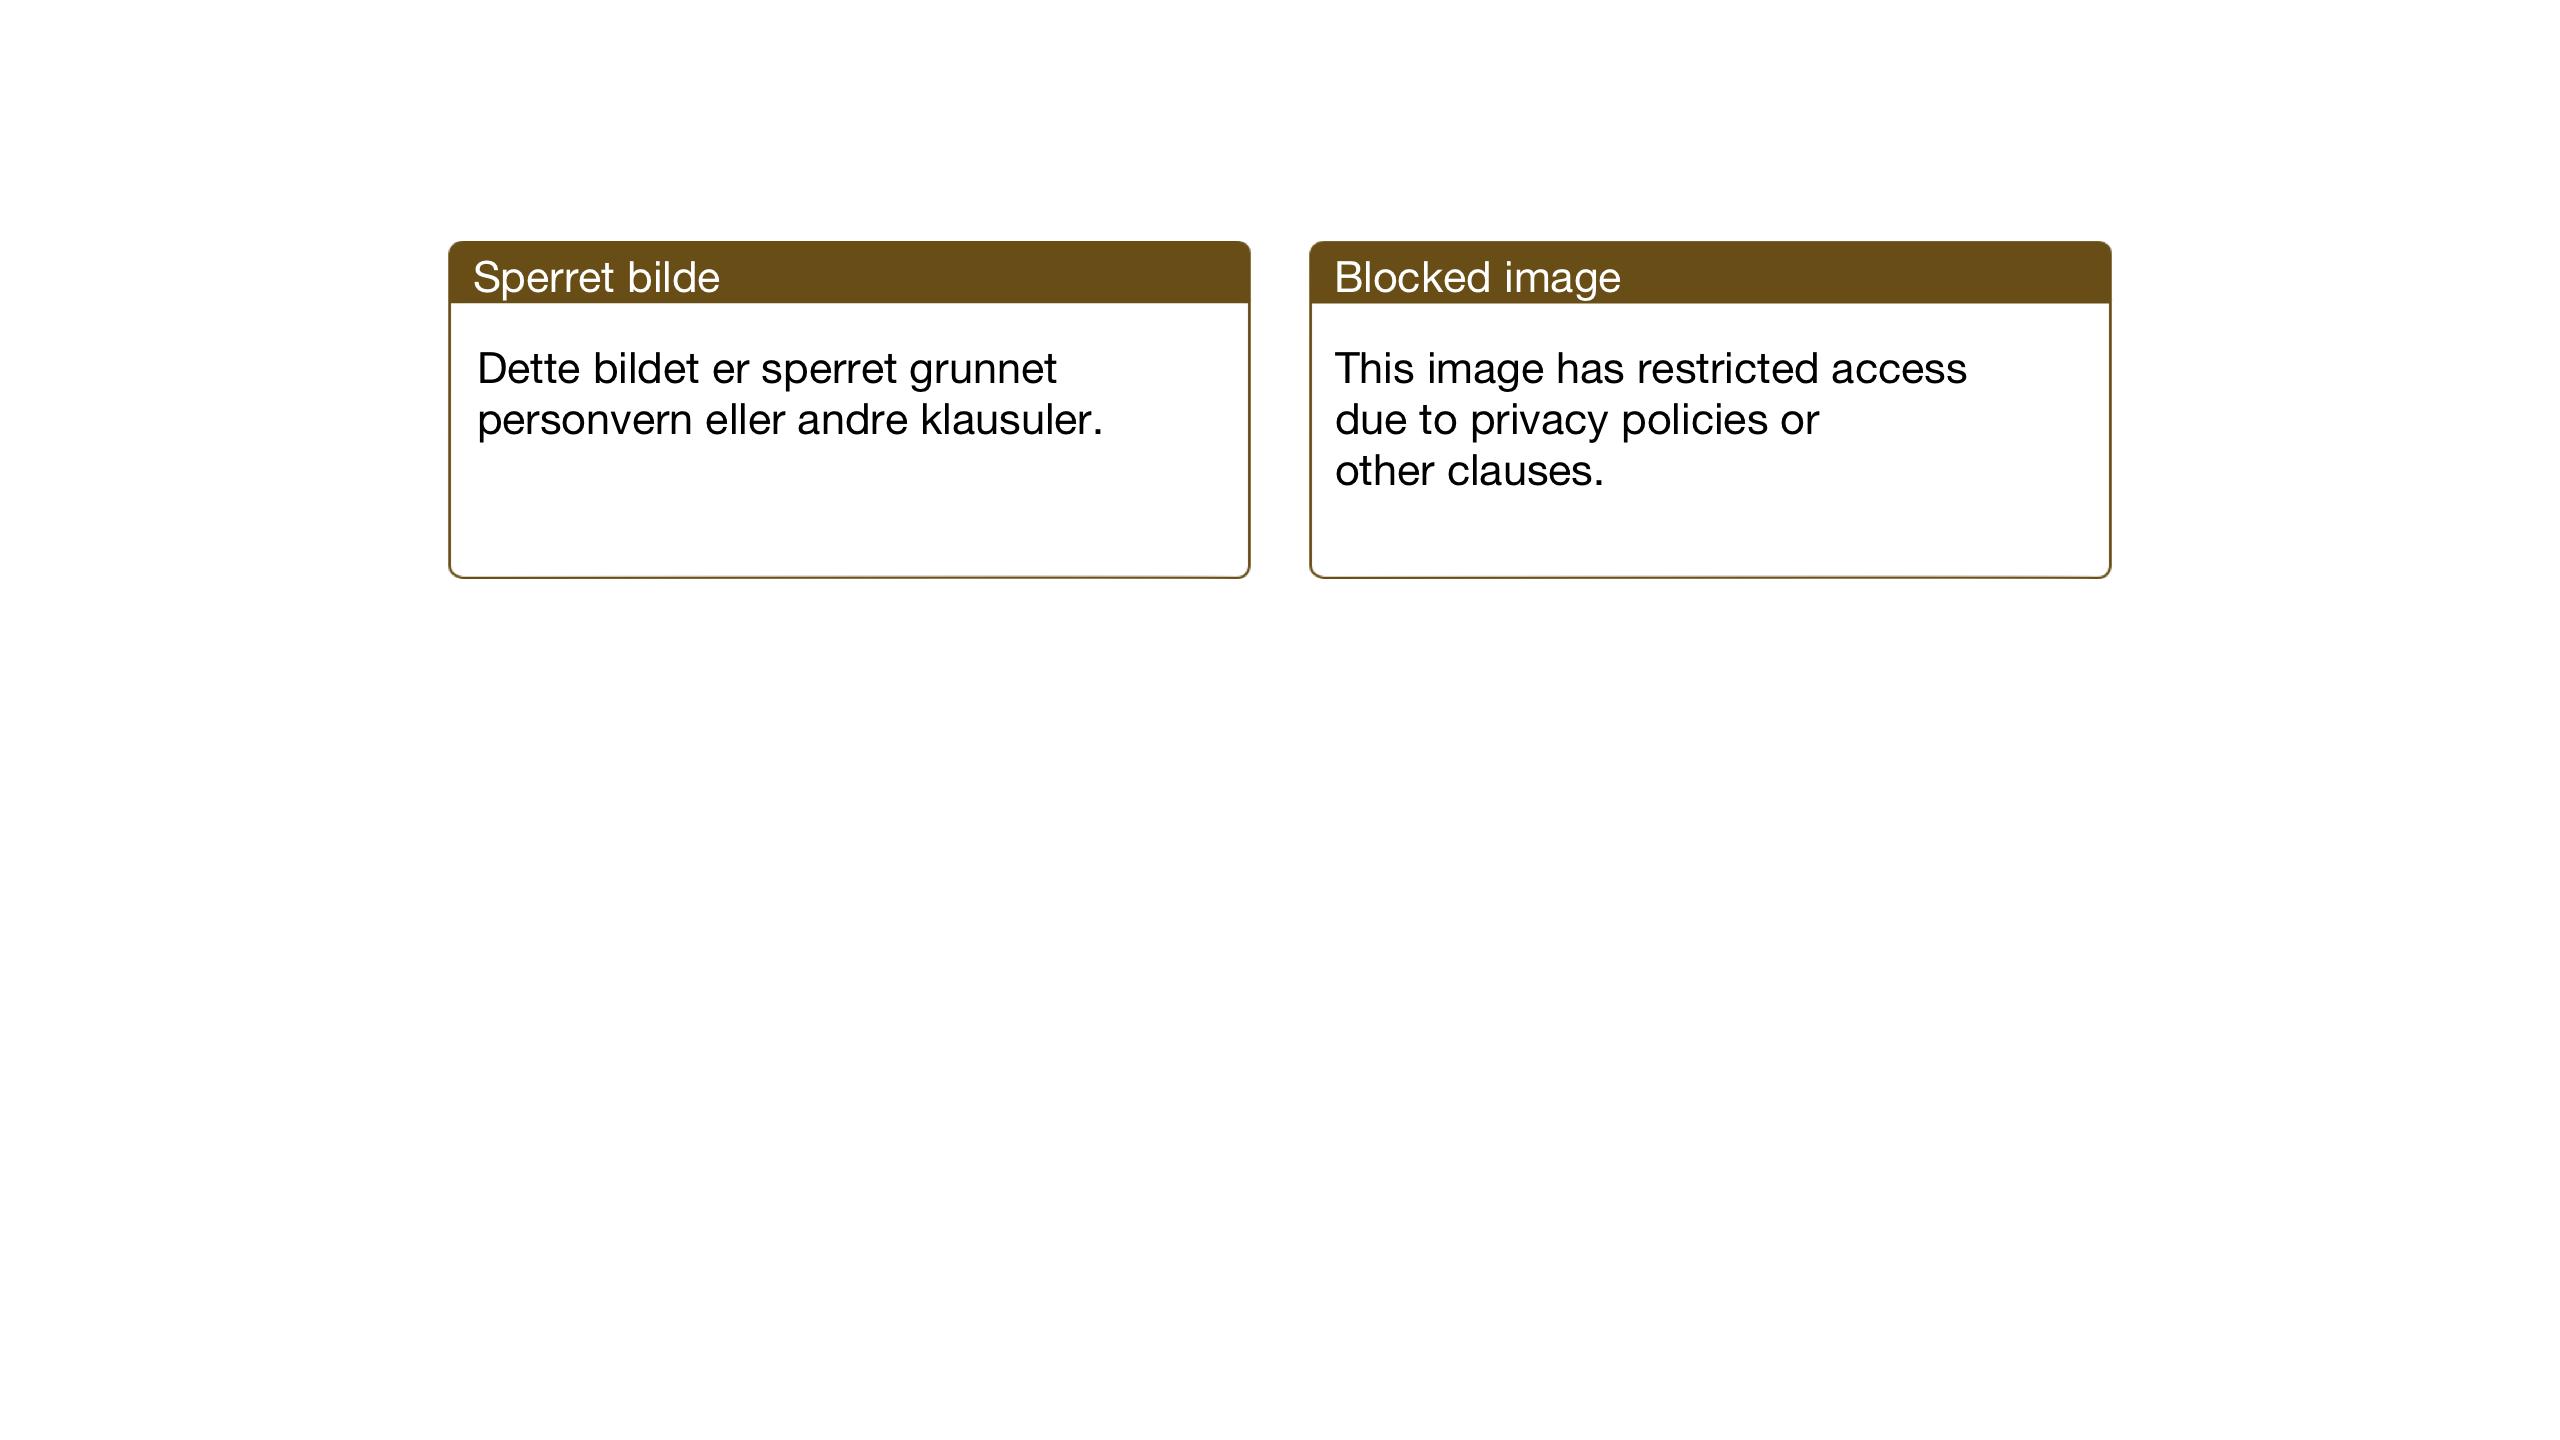 SAT, Ministerialprotokoller, klokkerbøker og fødselsregistre - Sør-Trøndelag, 698/L1169: Klokkerbok nr. 698C06, 1930-1949, s. 8